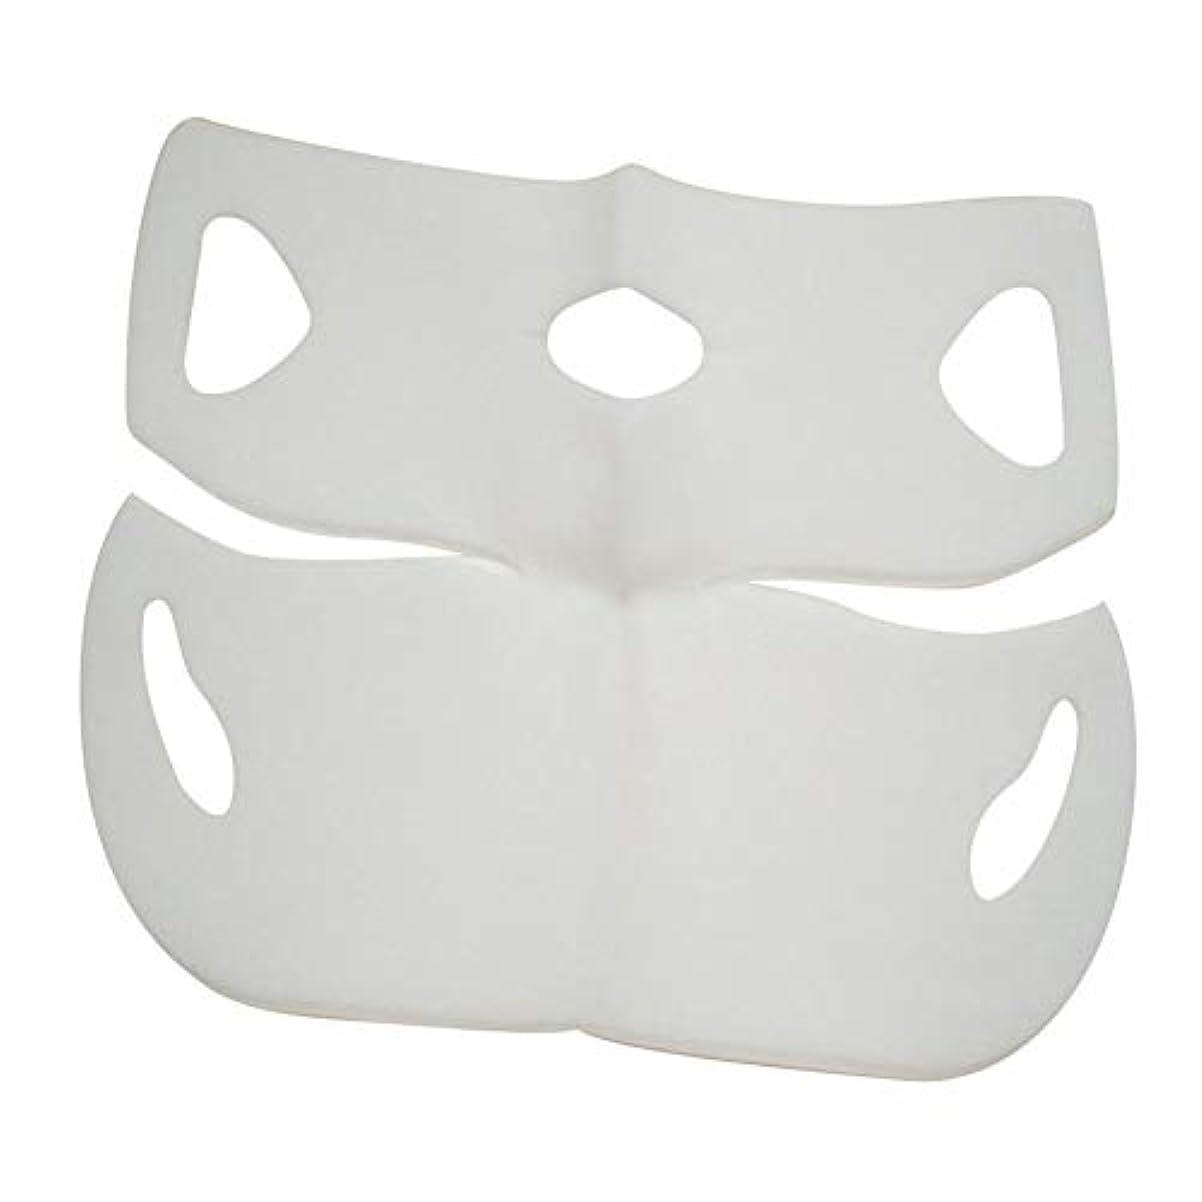 処理子三角SILUN 最新型 4D Vフェイシャルマスク フェイスマスク 小顔 マスク フェイスラインベルト 美顔 顔痩せ 肌ケア 保湿 毛細血管収縮 睡眠マスク